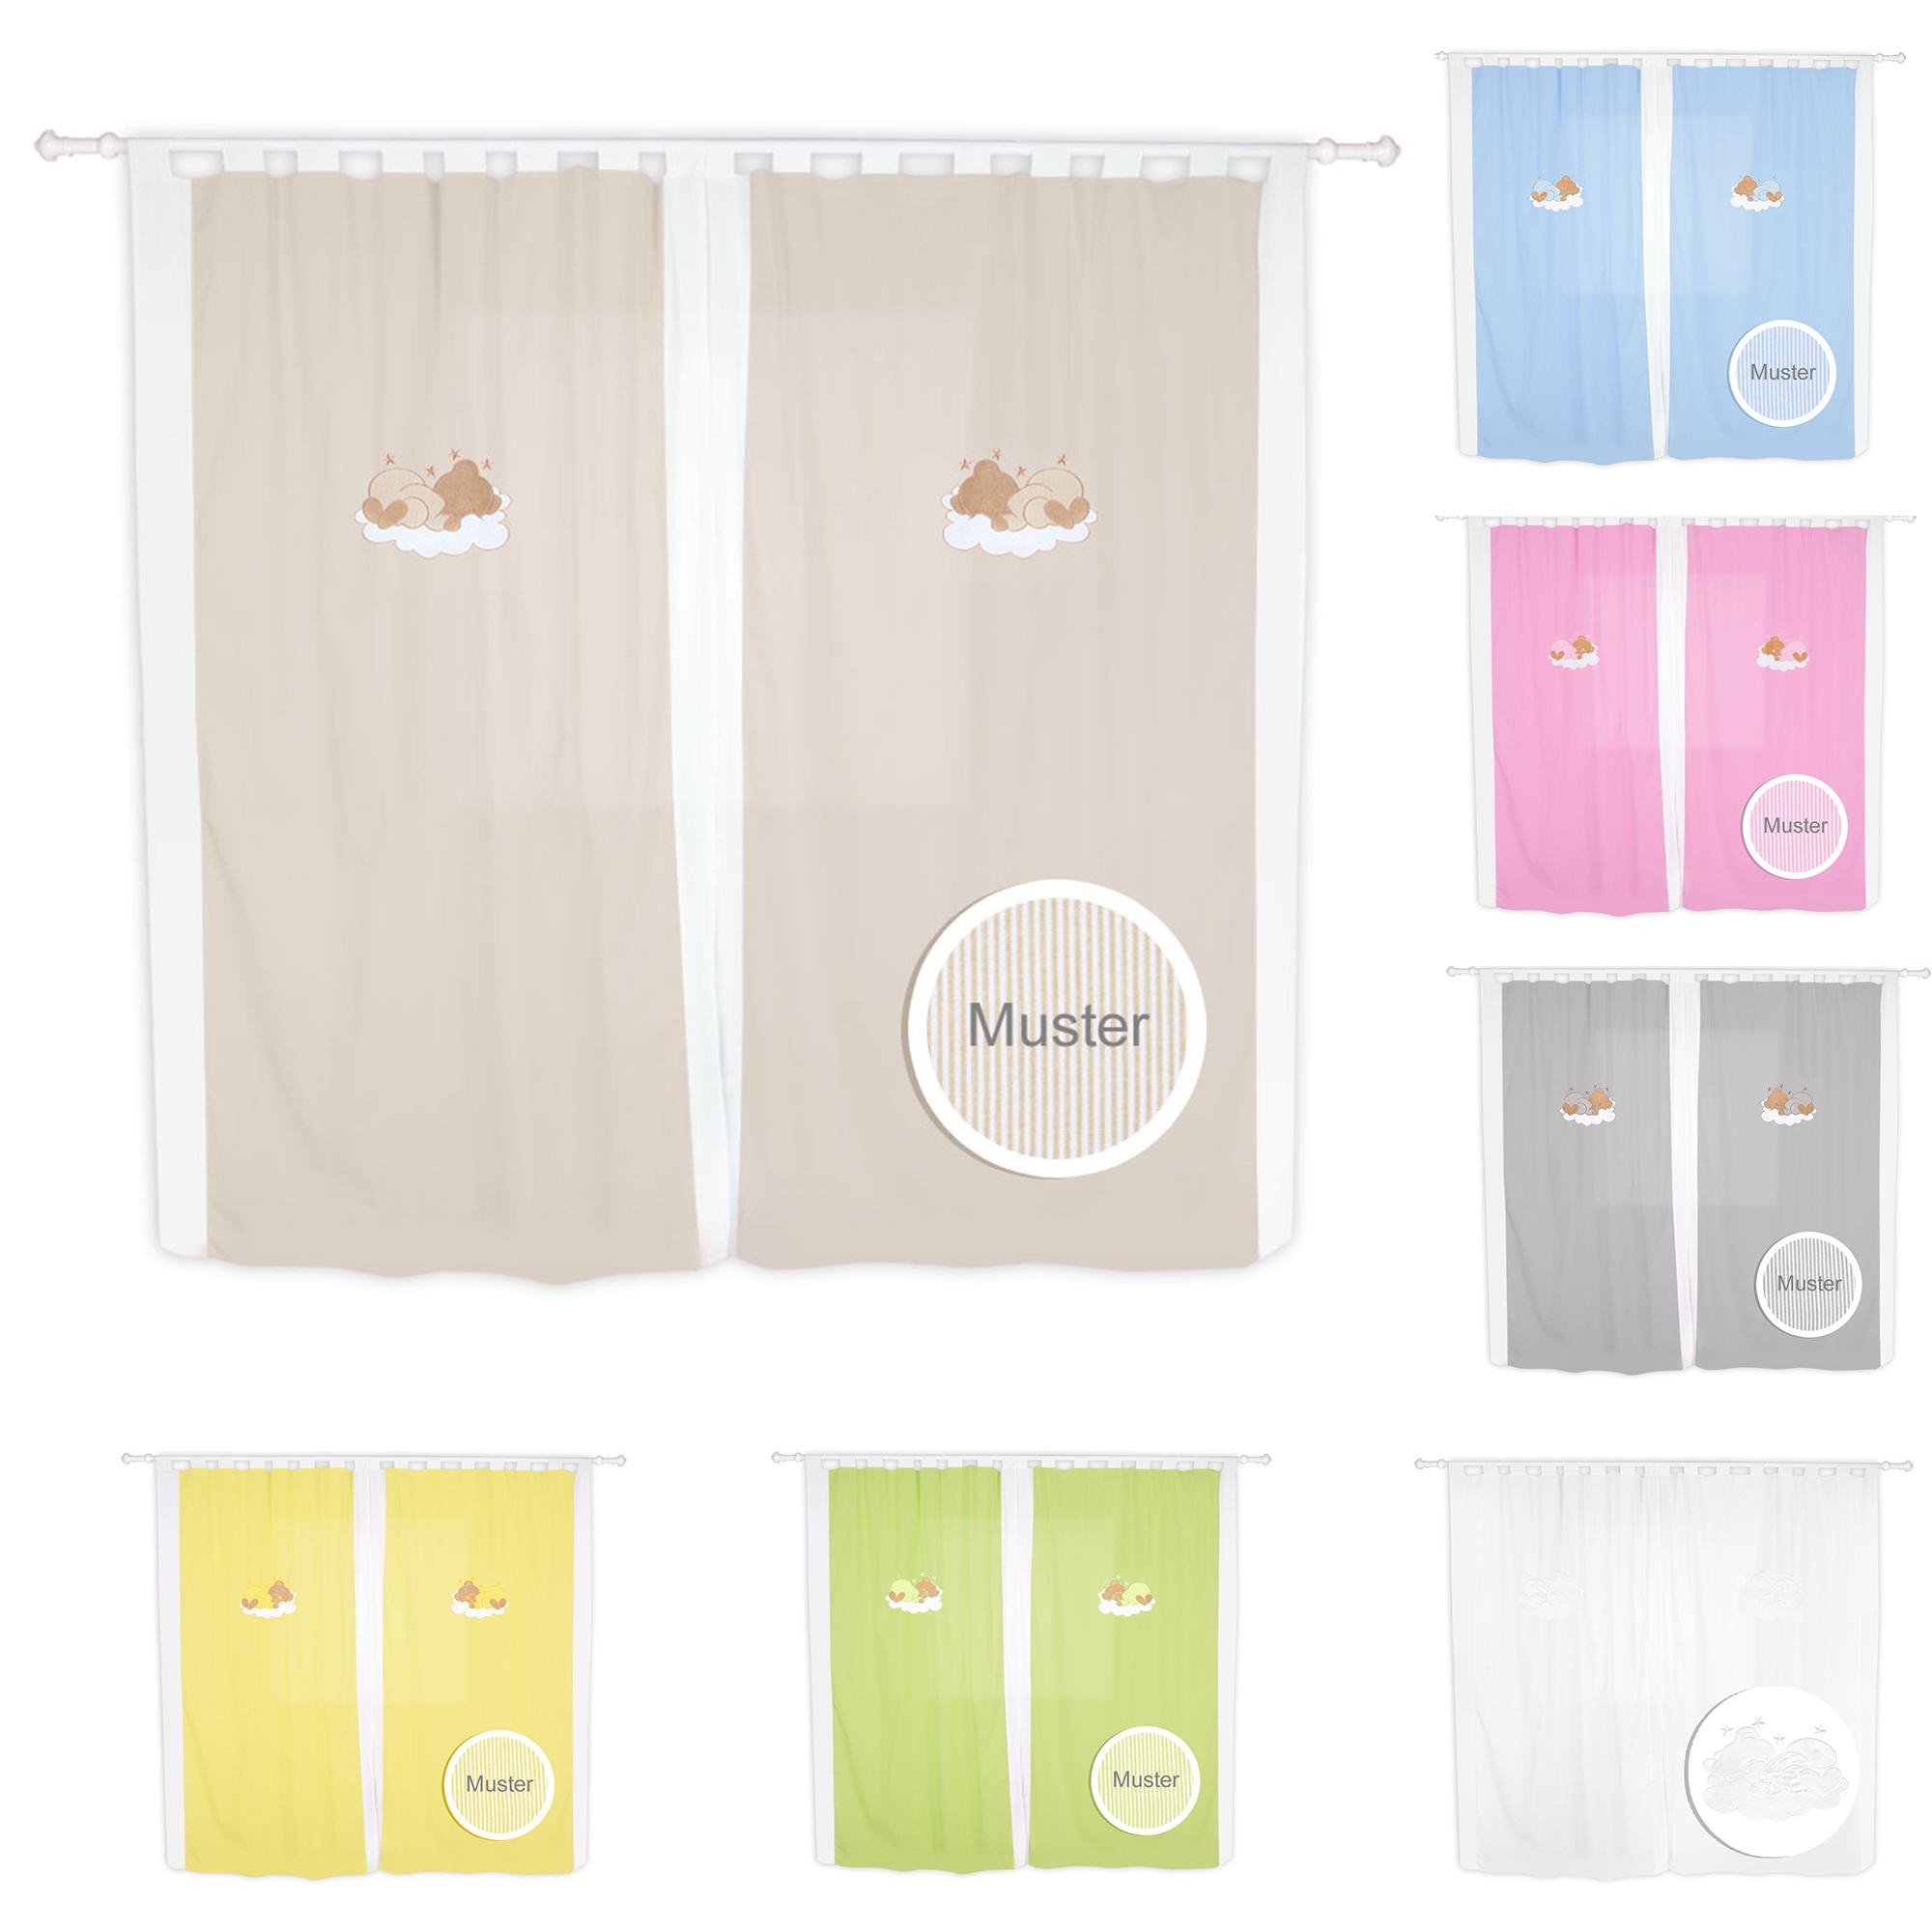 babyzimmer kinderzimmer gardinen vorh nge mit schlaufen 5. Black Bedroom Furniture Sets. Home Design Ideas